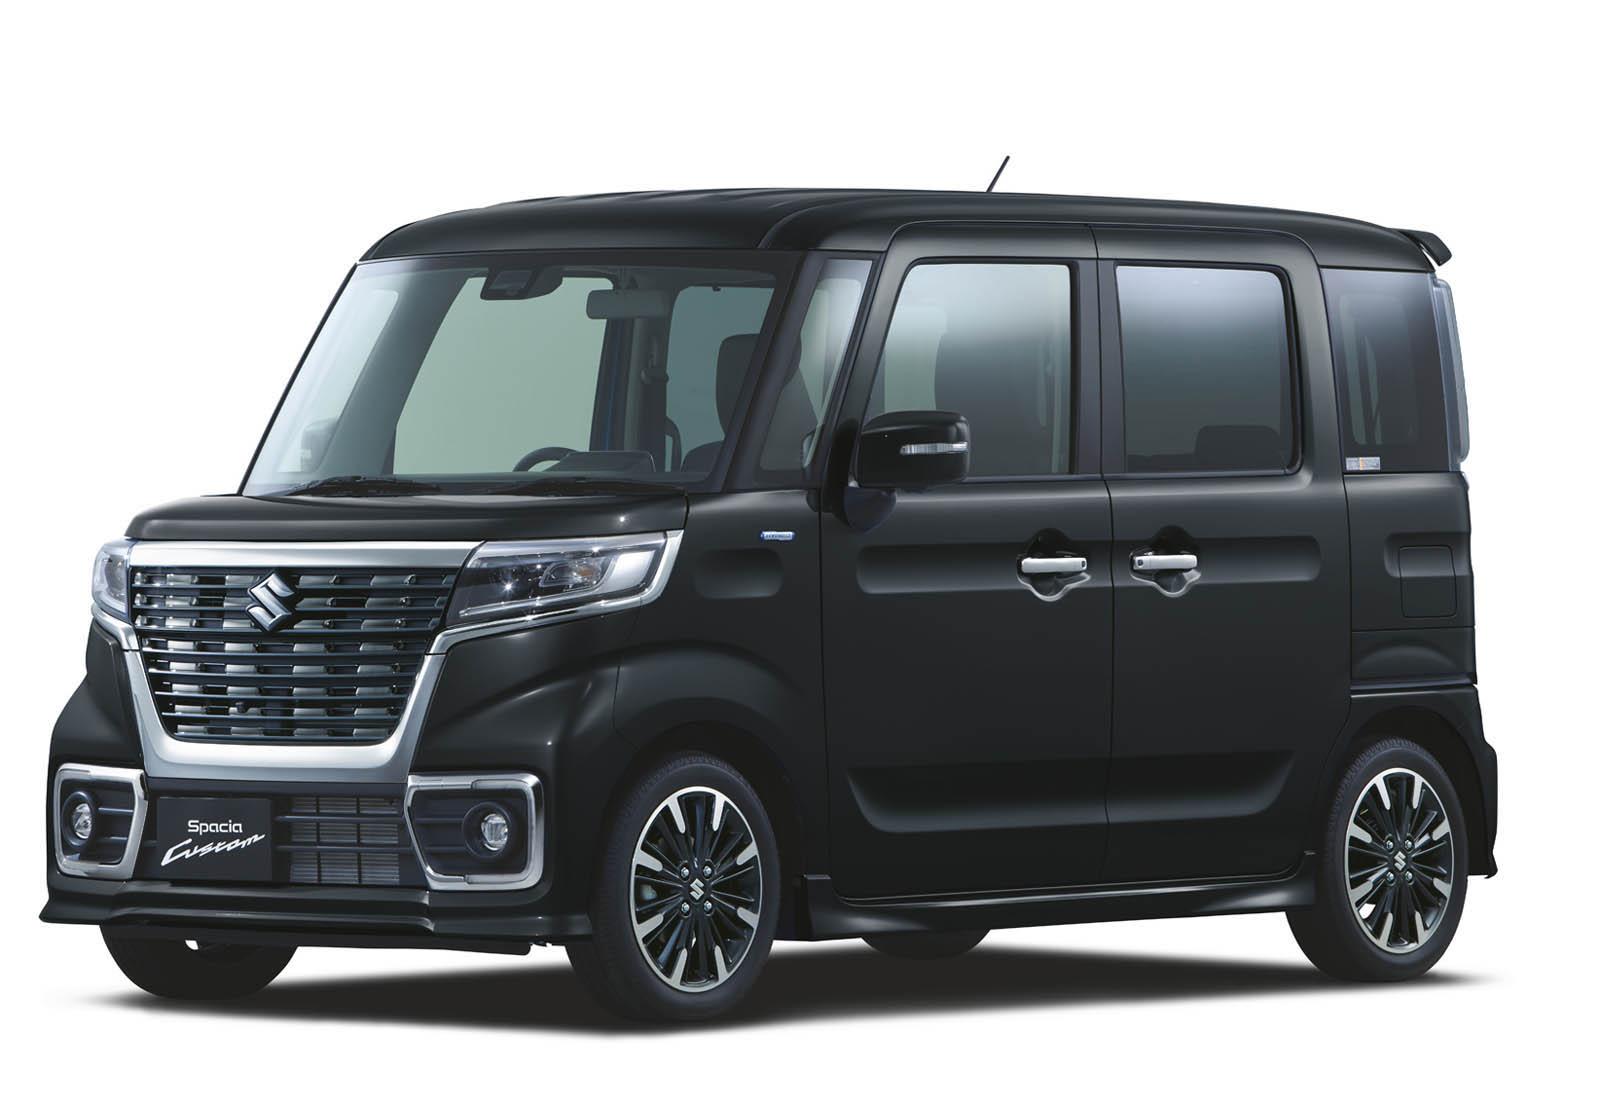 Suzuki Spacia 2018 (19)